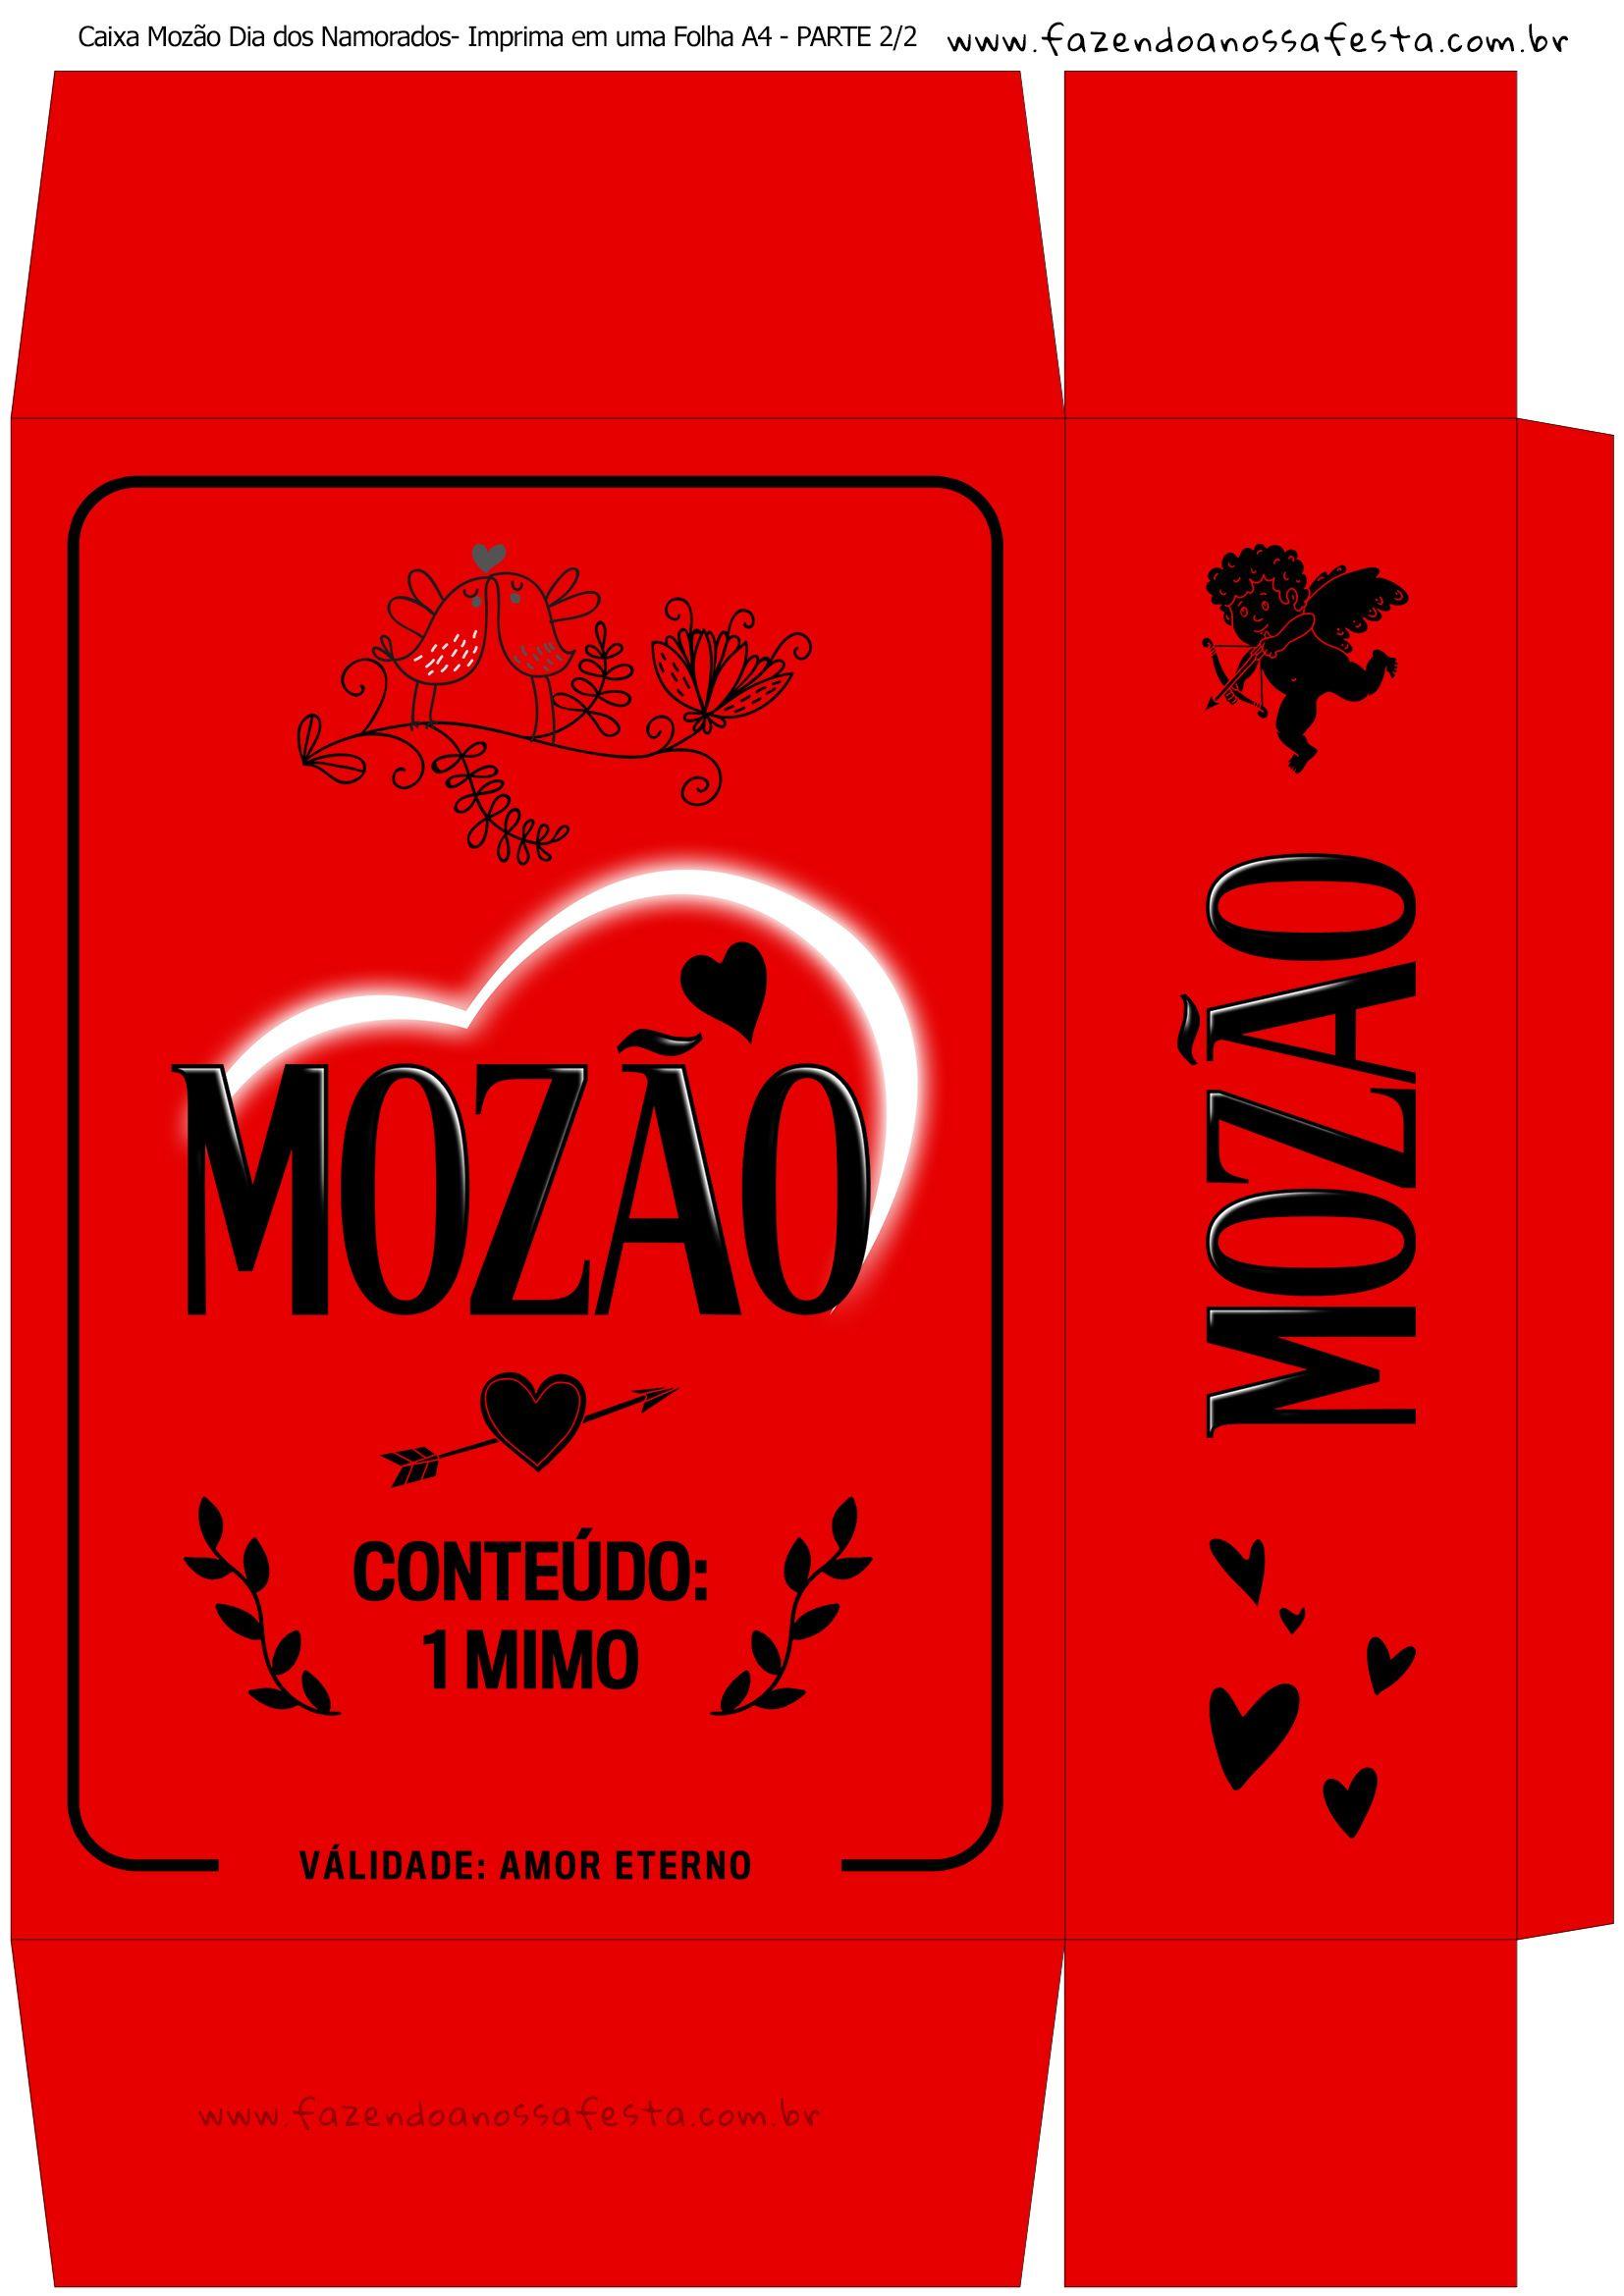 852ad1e1c8d3cb Caixa Mozao Presente Dia dos Namorados - Parte 1 - Vermelho ...